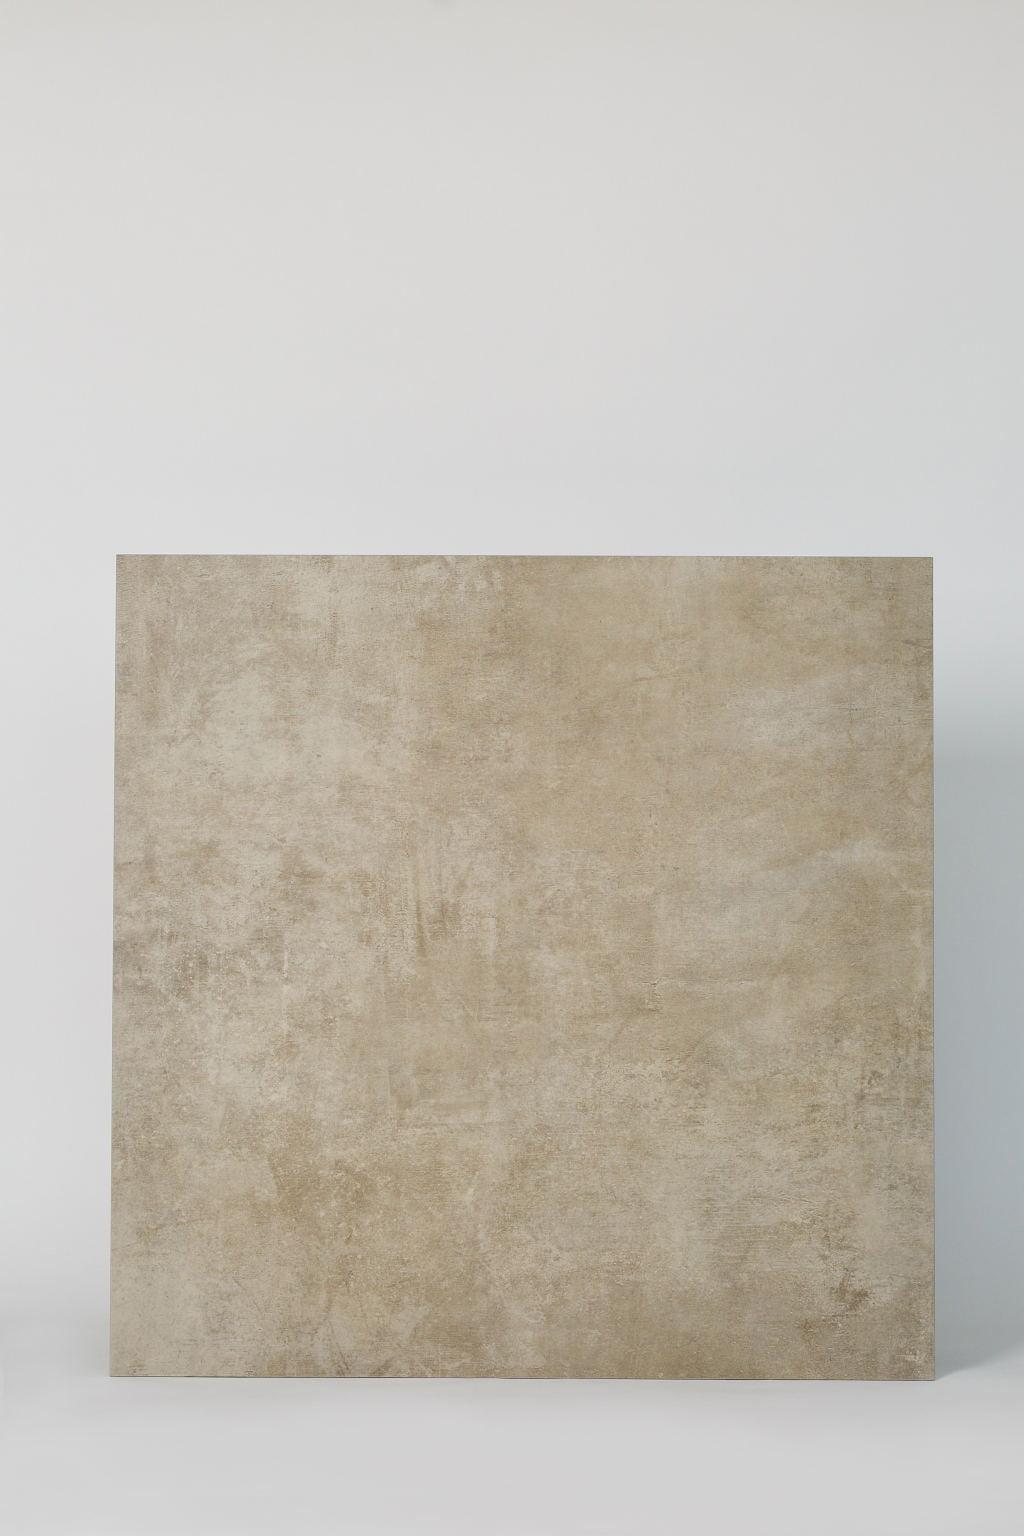 Płyta włoska gresowa, matowa, rektyfikowana, mrozoodporna, podłoga, ściana, rozmiar 90x90cm, kolekcja TUSCANIA My S'tile camel